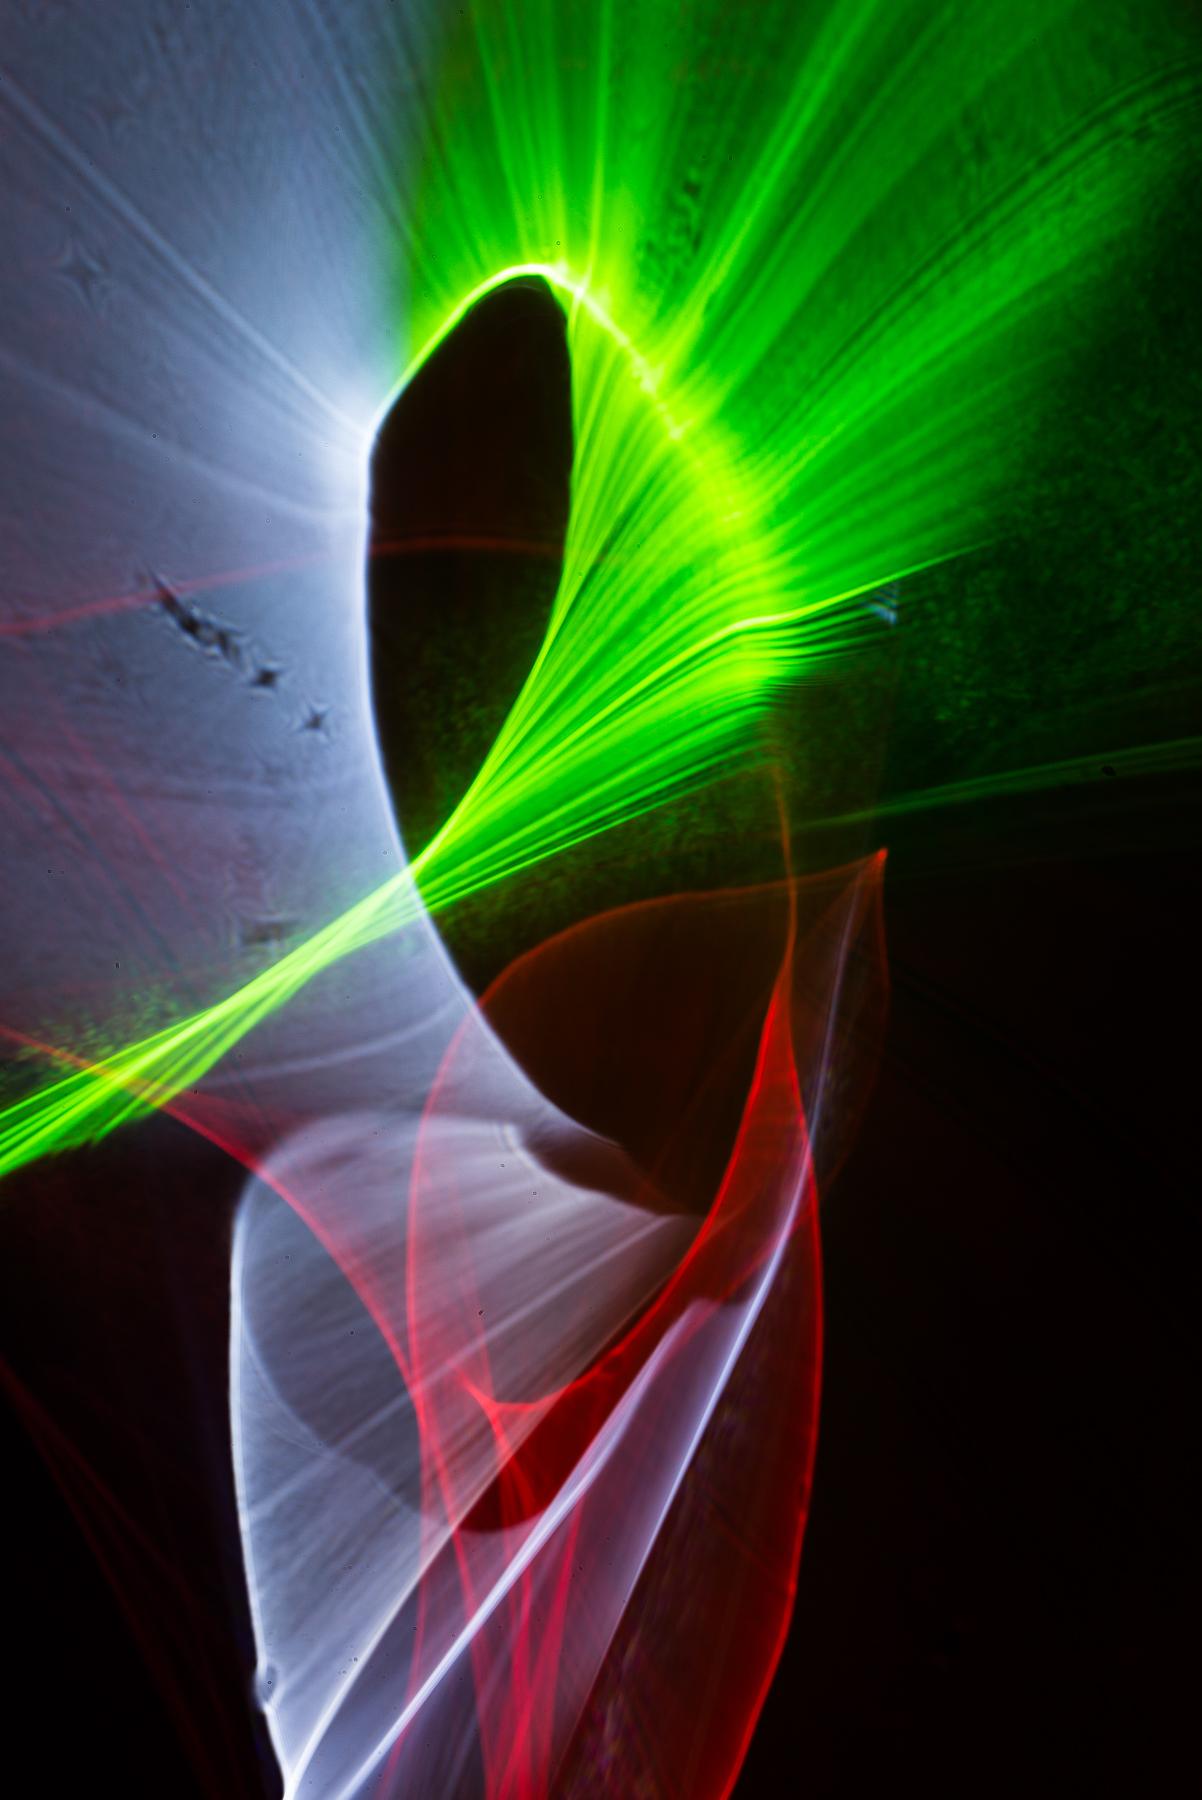 Titel: Refractography 7, Kunstenaar: Romain Millet - Refractography